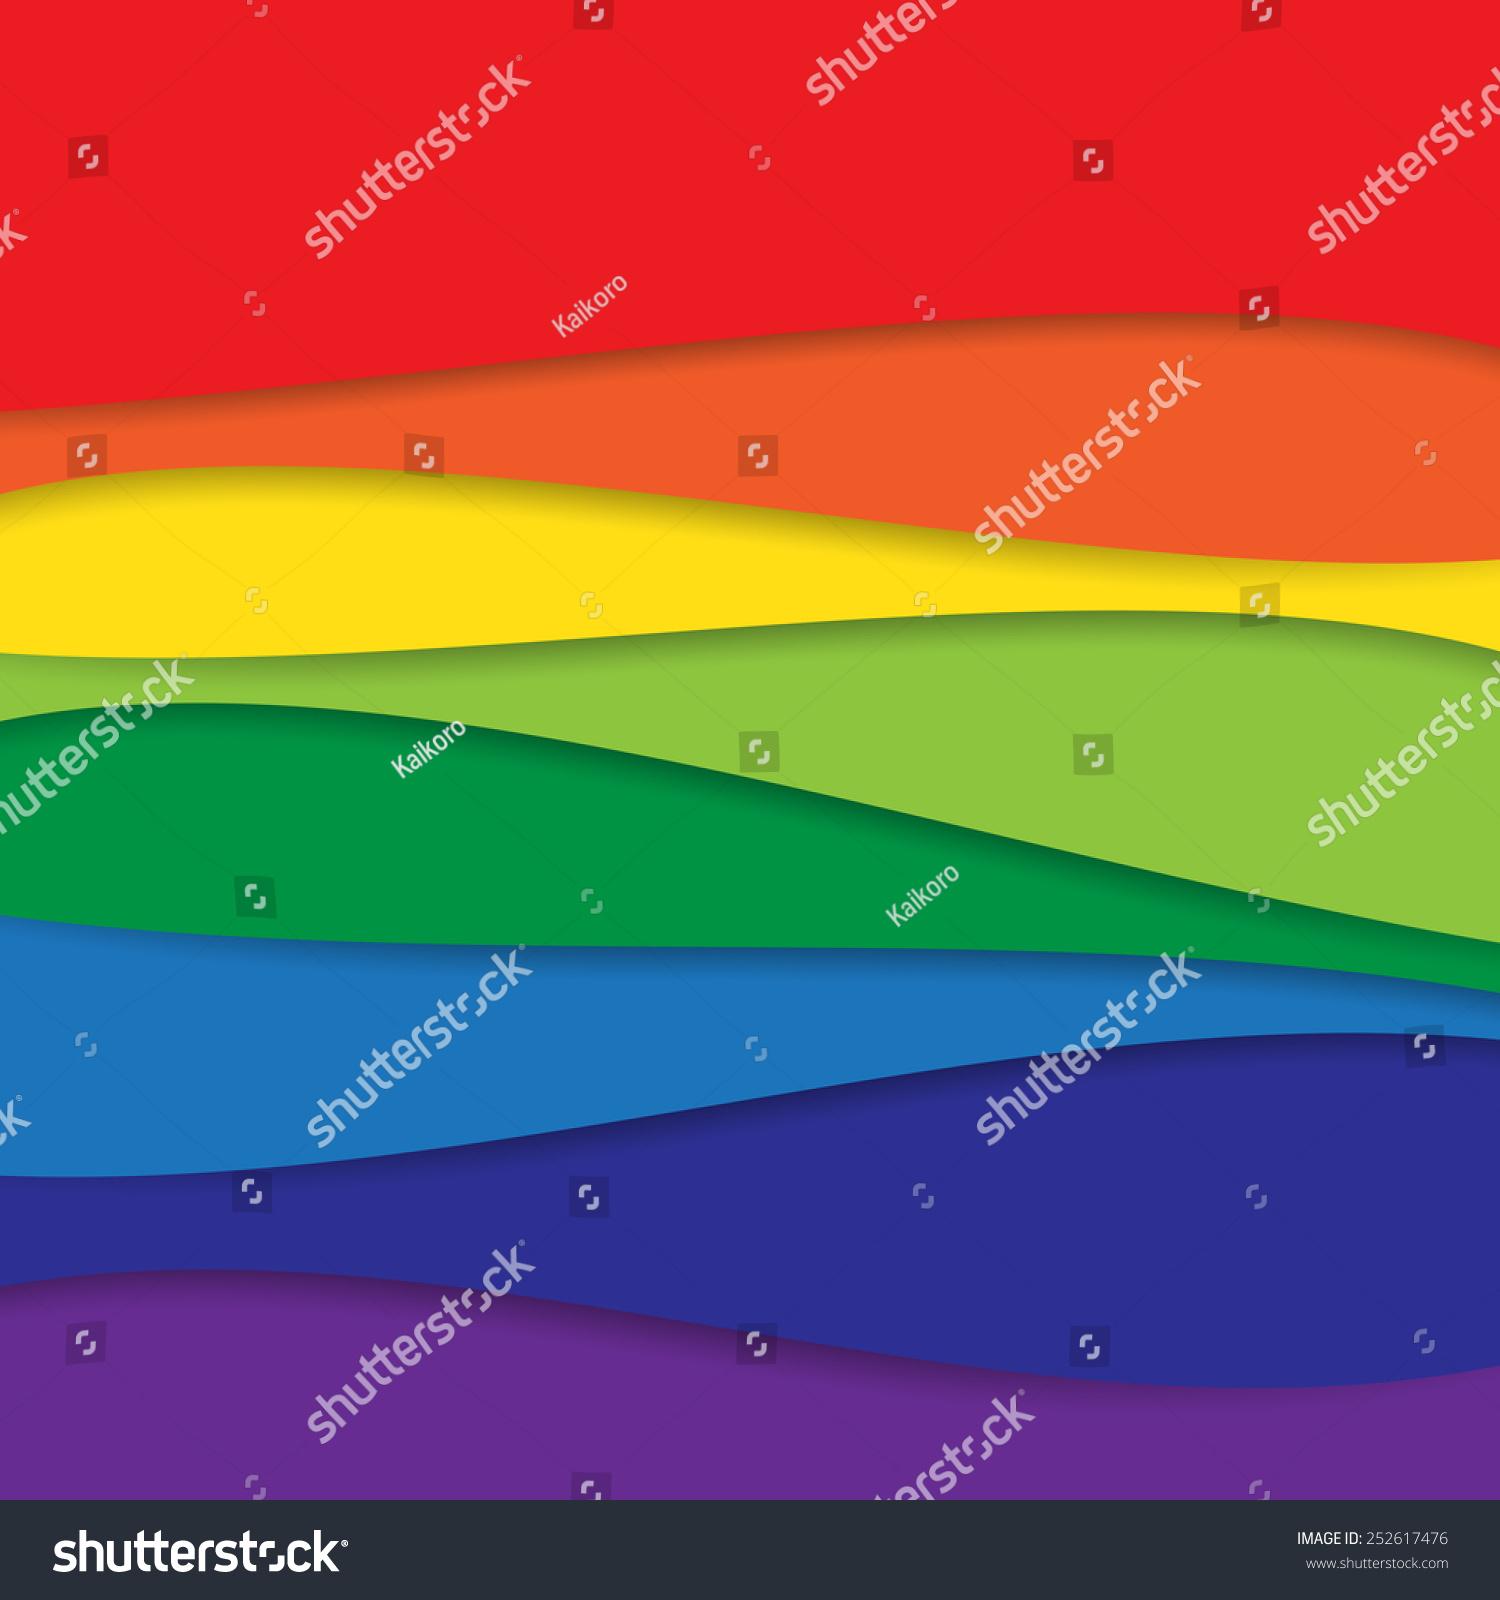 抽象的彩色彩虹bacground矢量插图-背景/素材